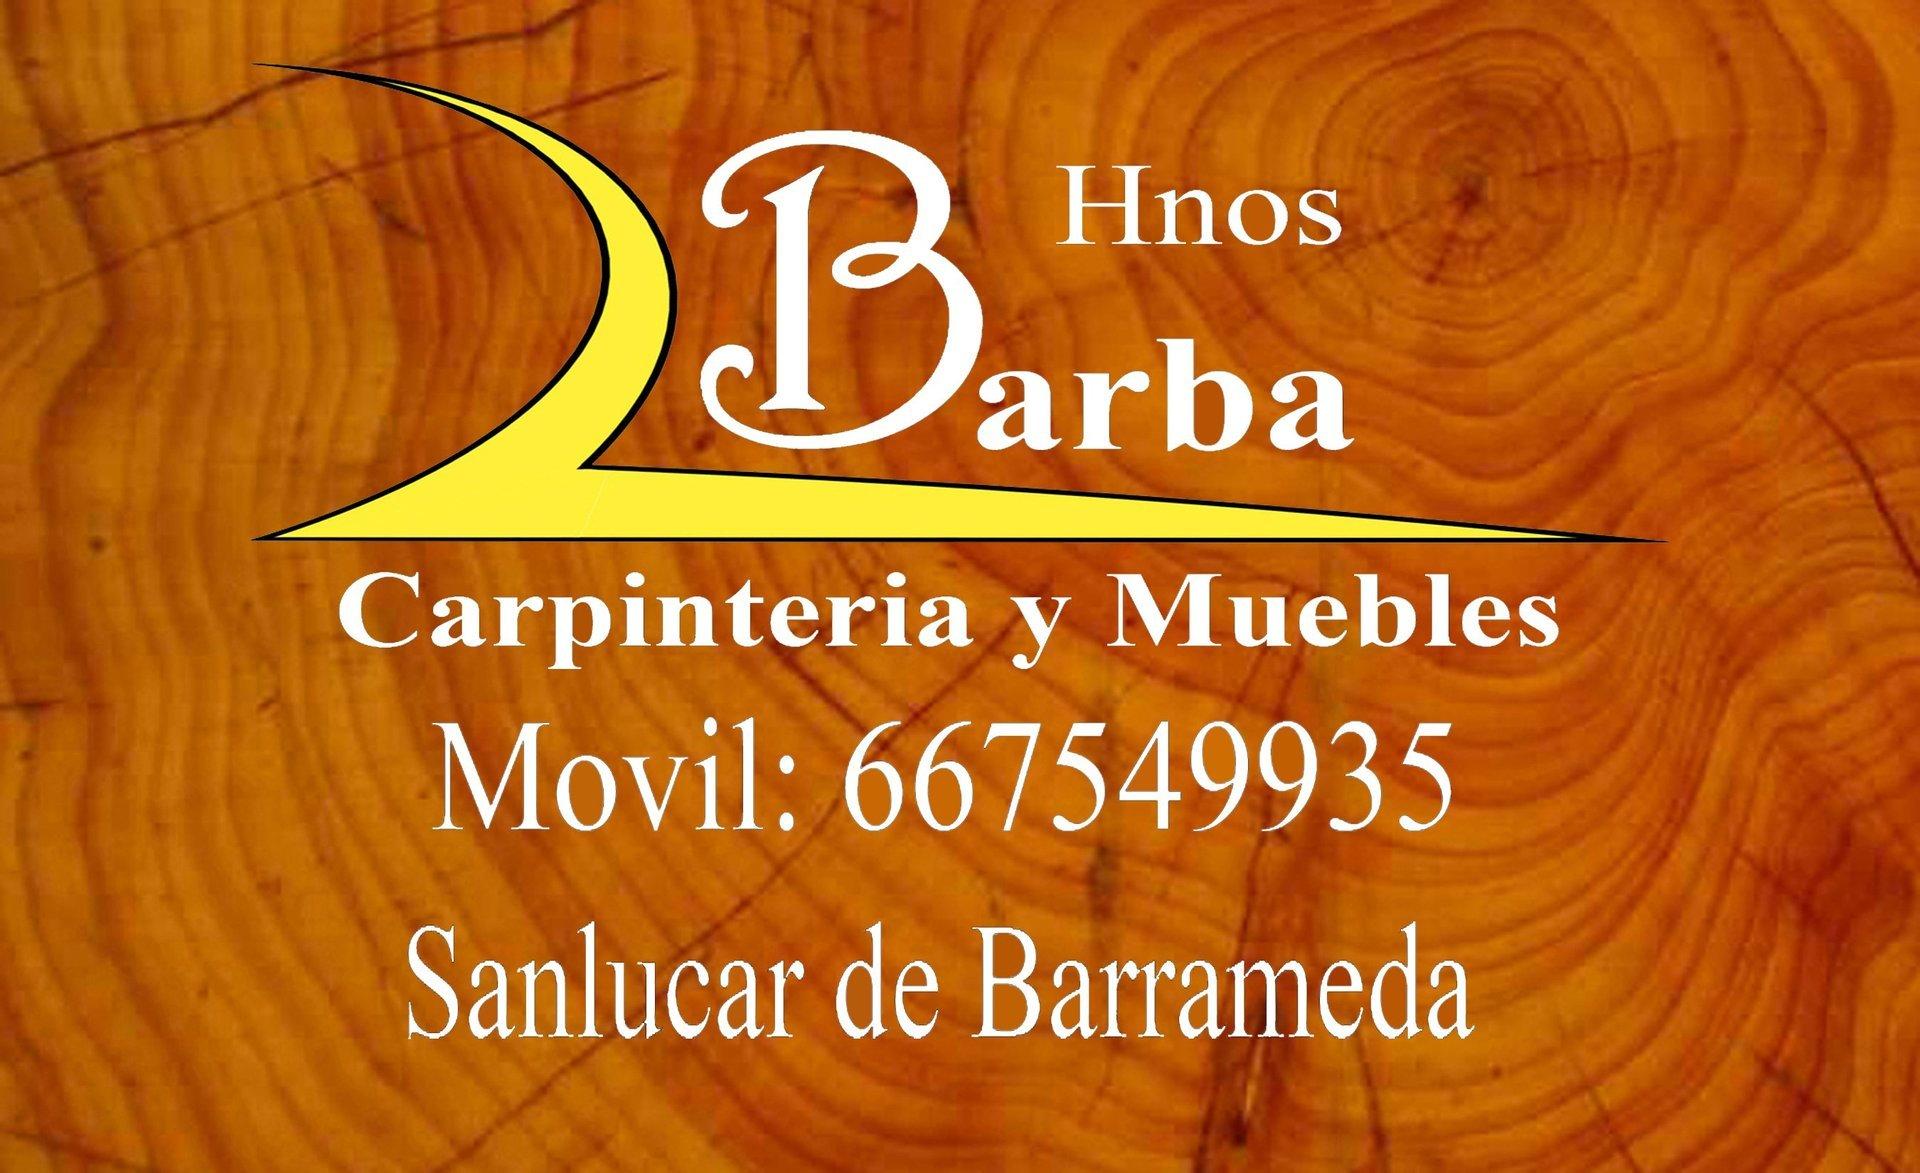 Carpinteria Y Muebles Hermanos Barba # Muebles Caoba Sanlucar